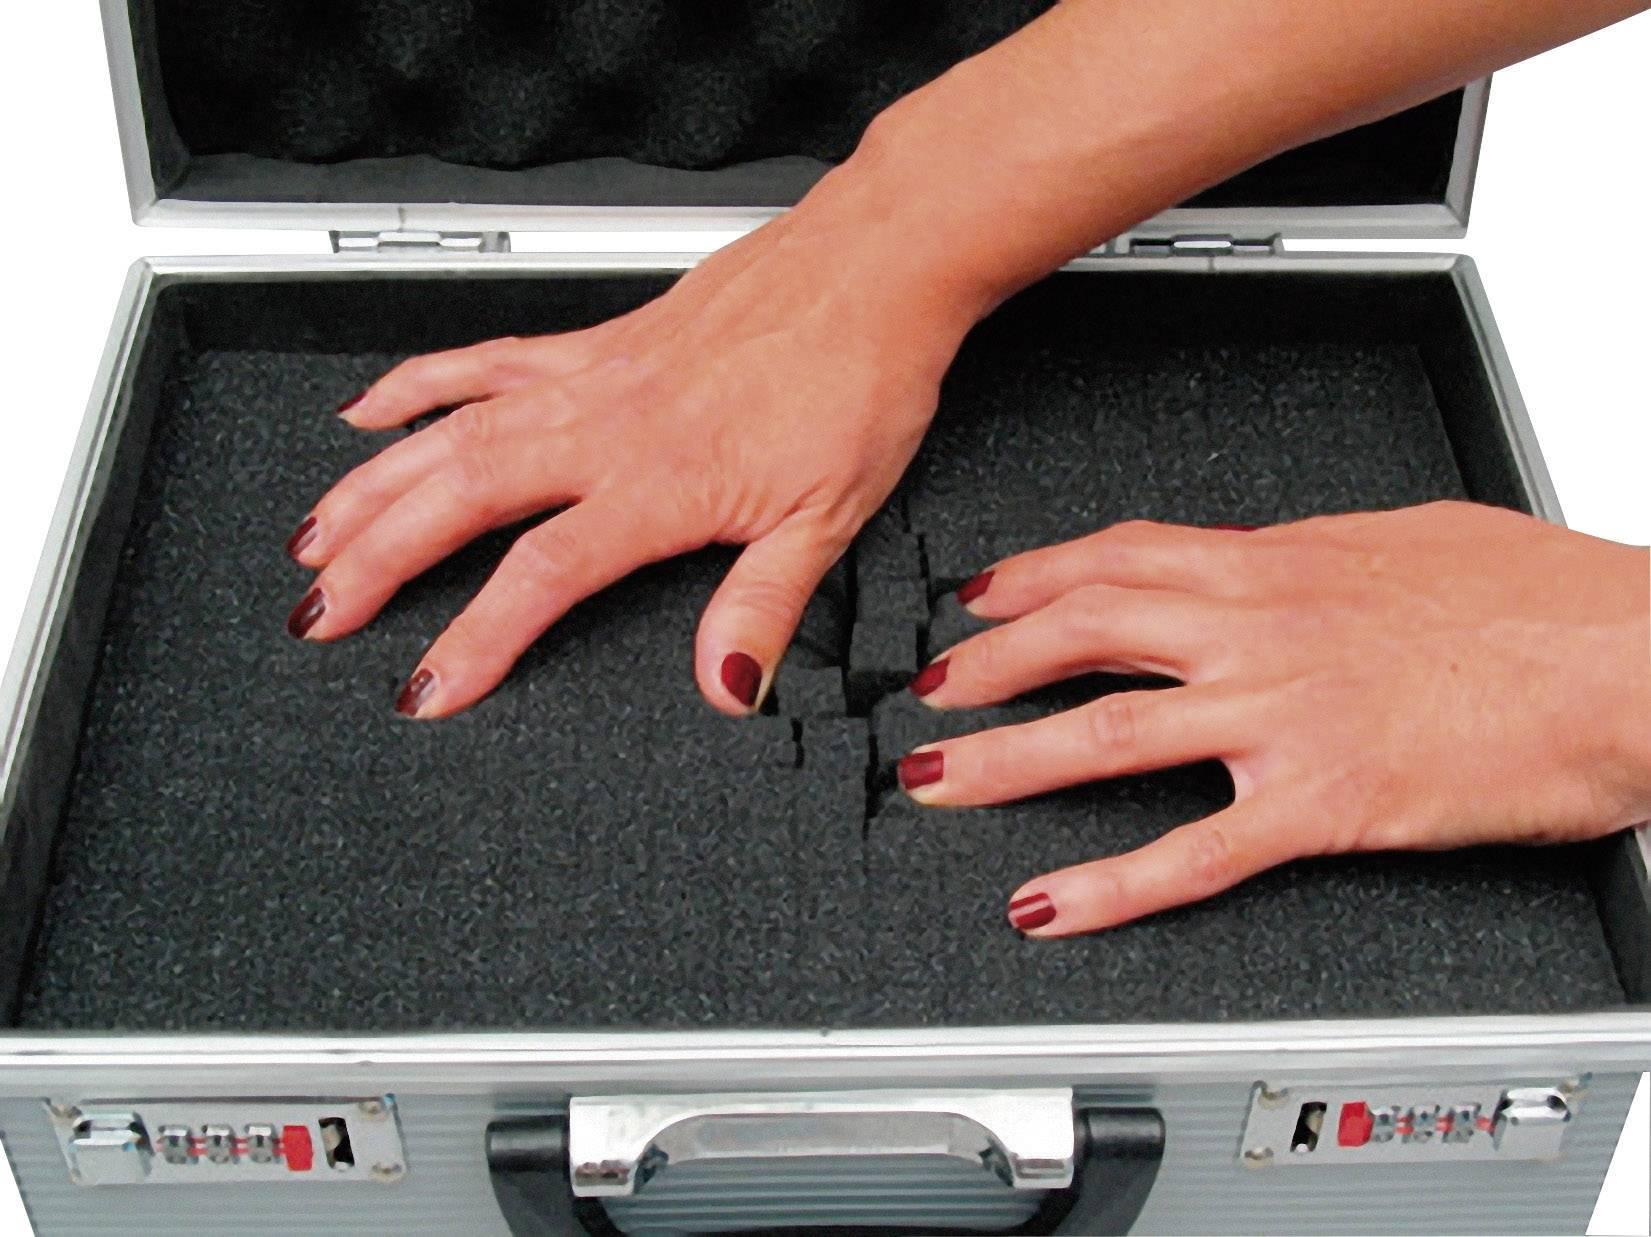 Hliníkový kufor s penovou výplňou Viso STC931P, 455 x 330 x 150 mm